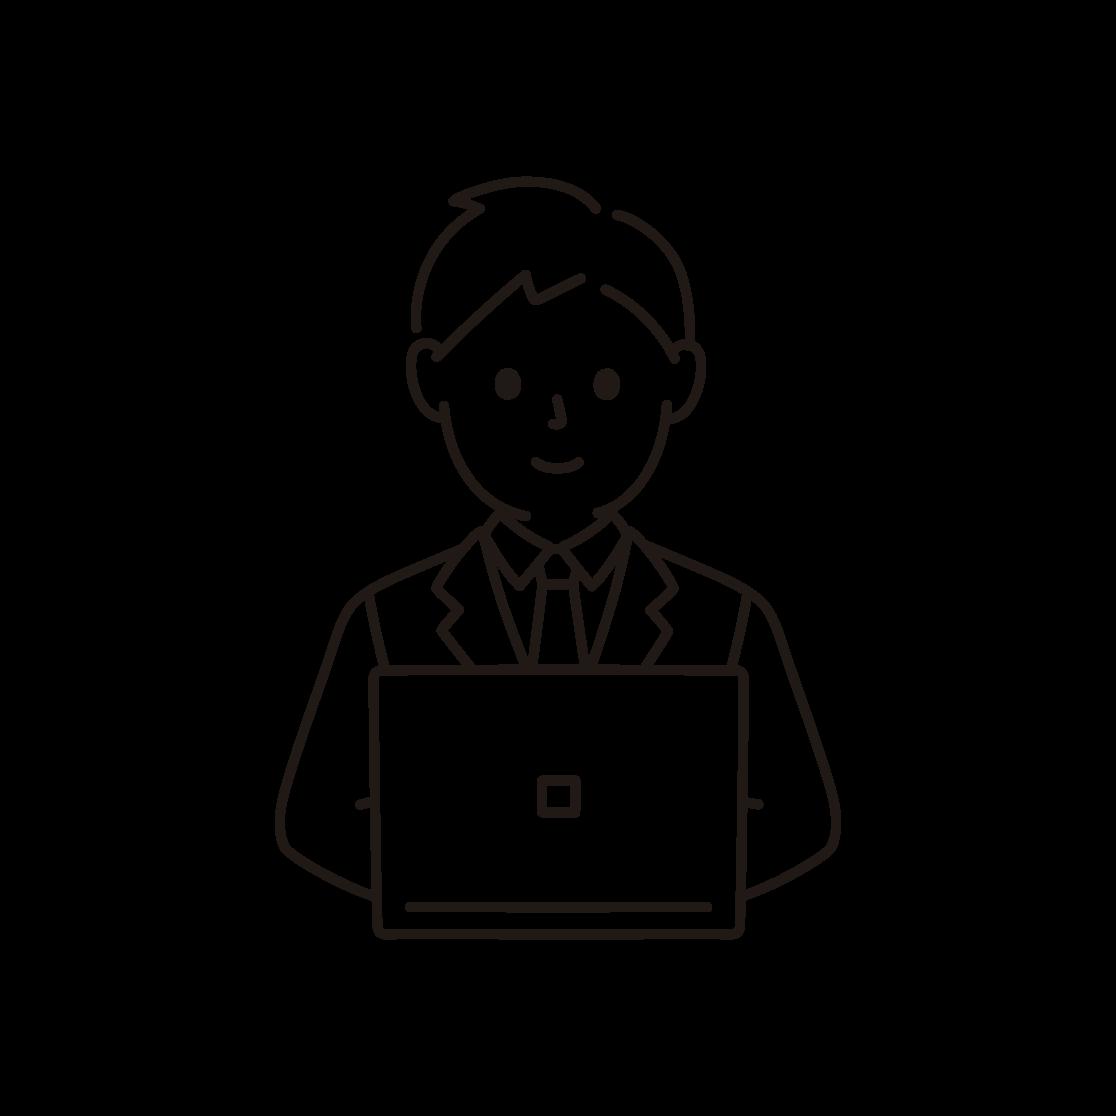 パソコンを打つビジネスマンの線画イラスト